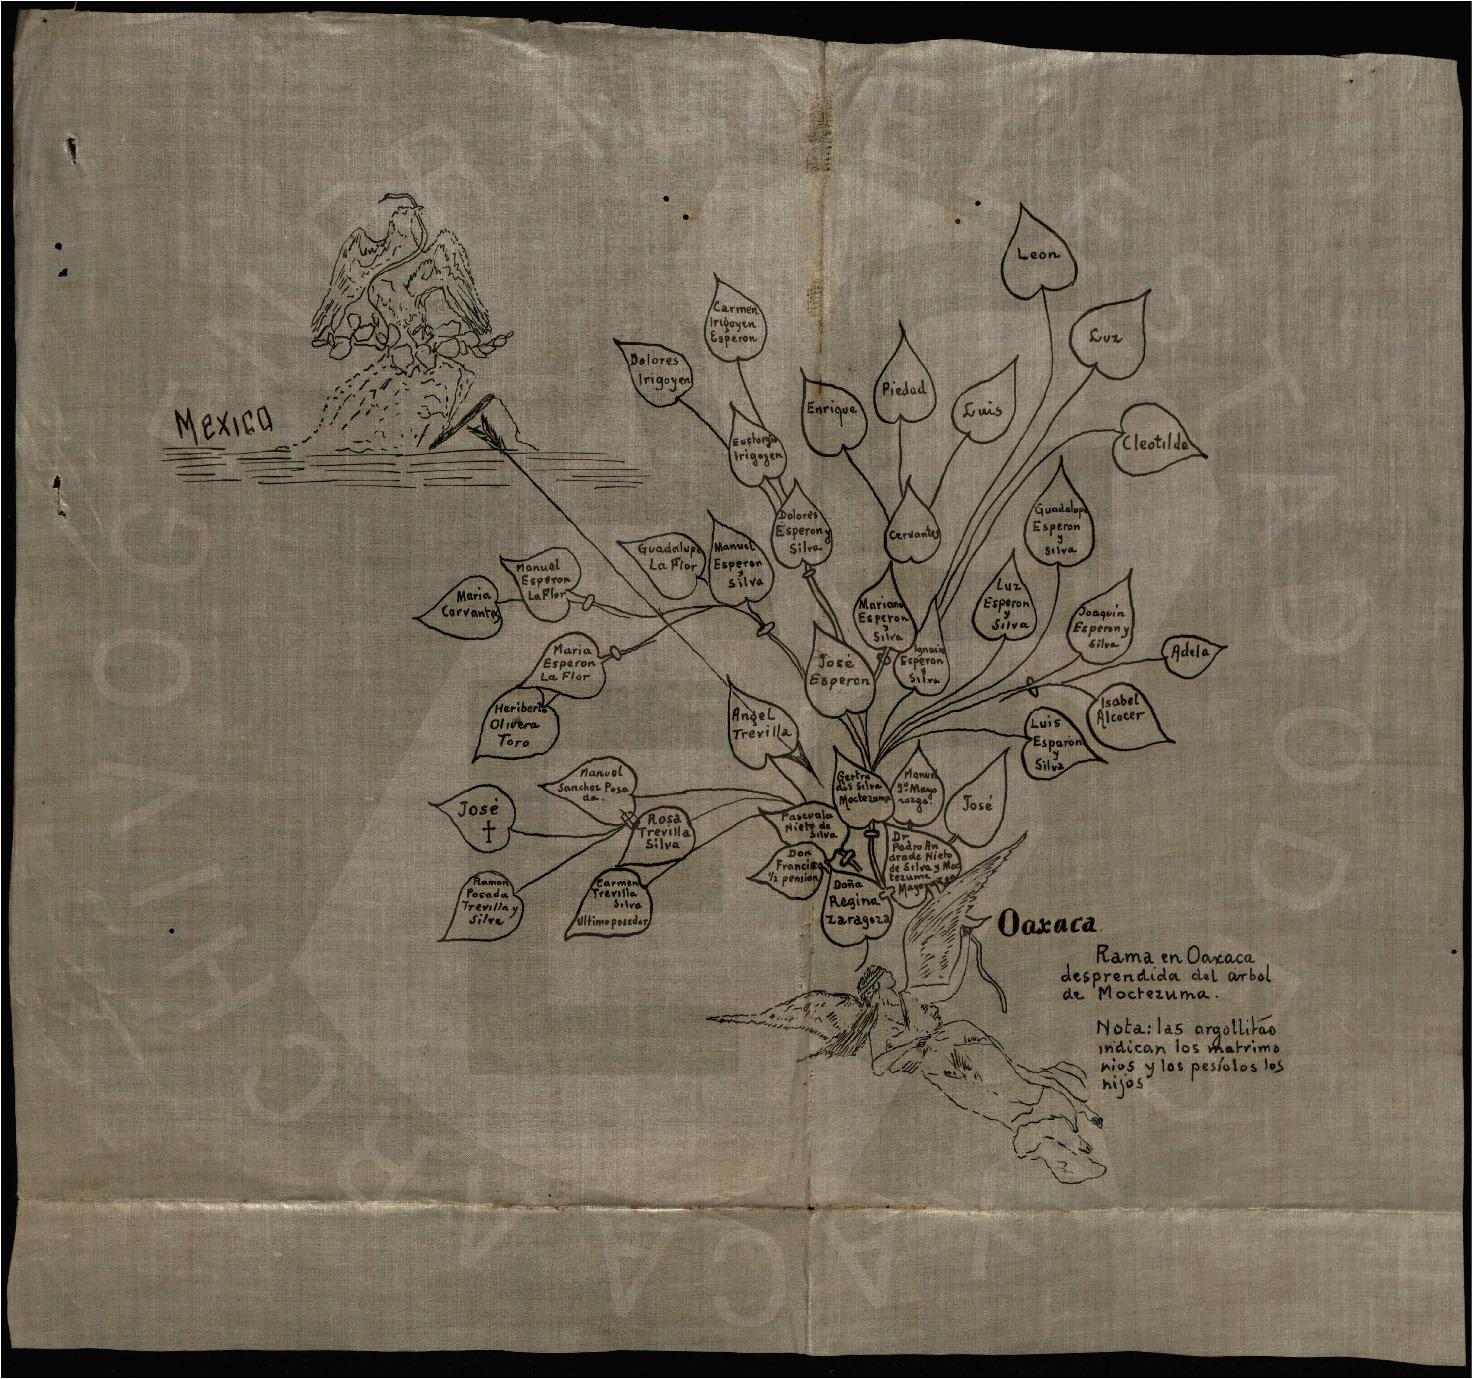 Genealogía y árbol de Moctezuma.